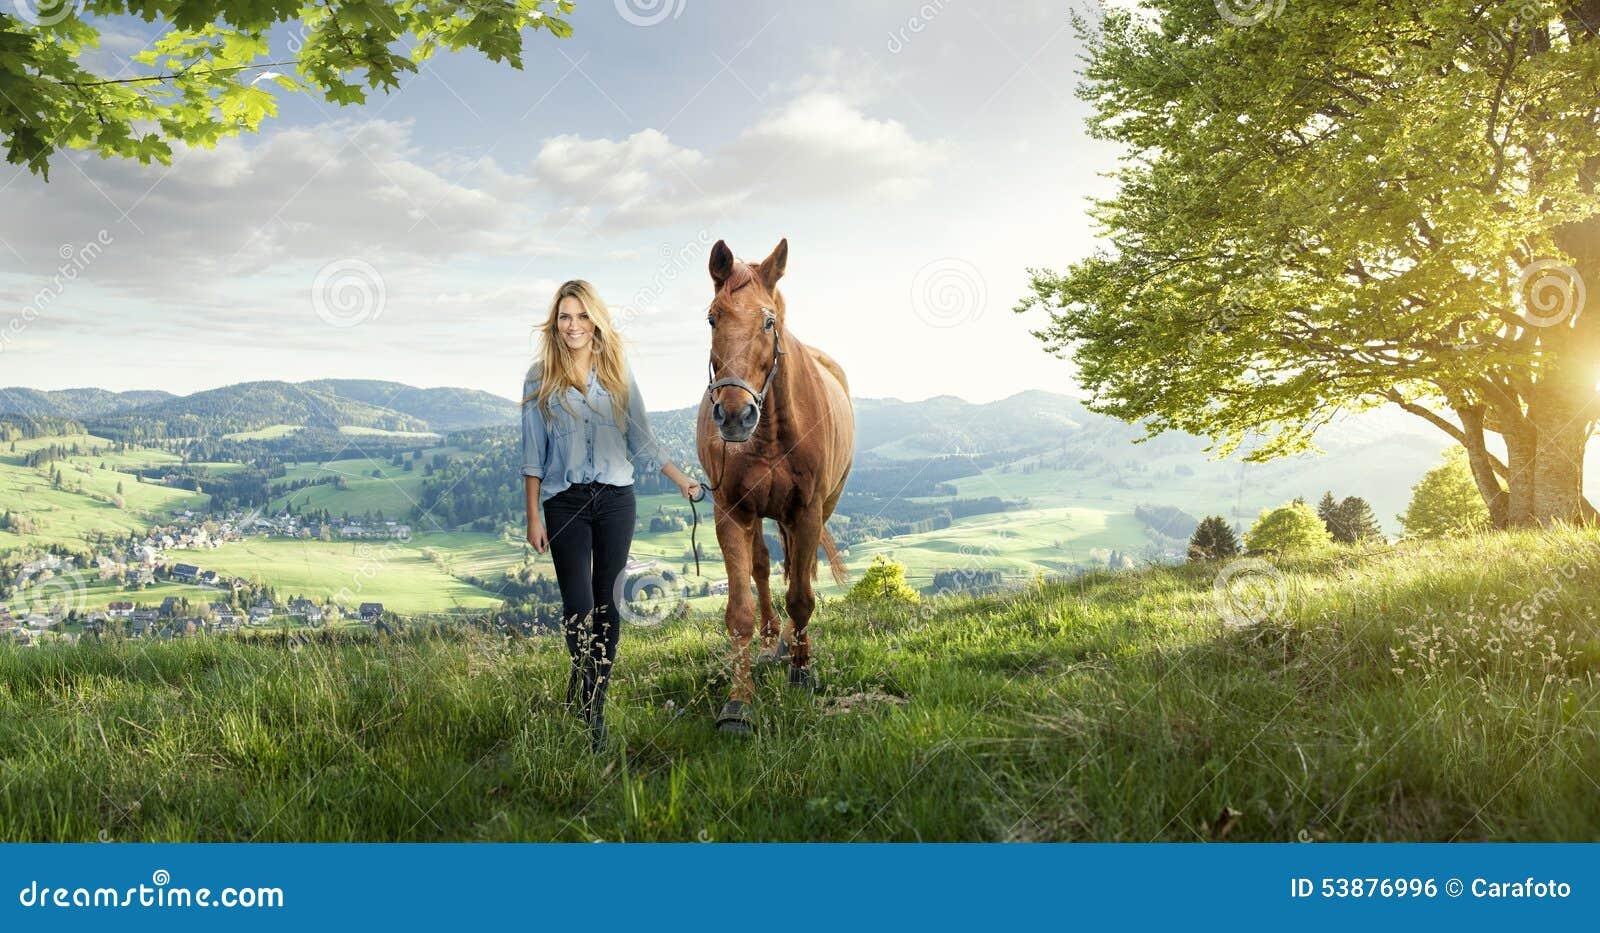 Mooi blond meisje met een paard in prachtige landschappen